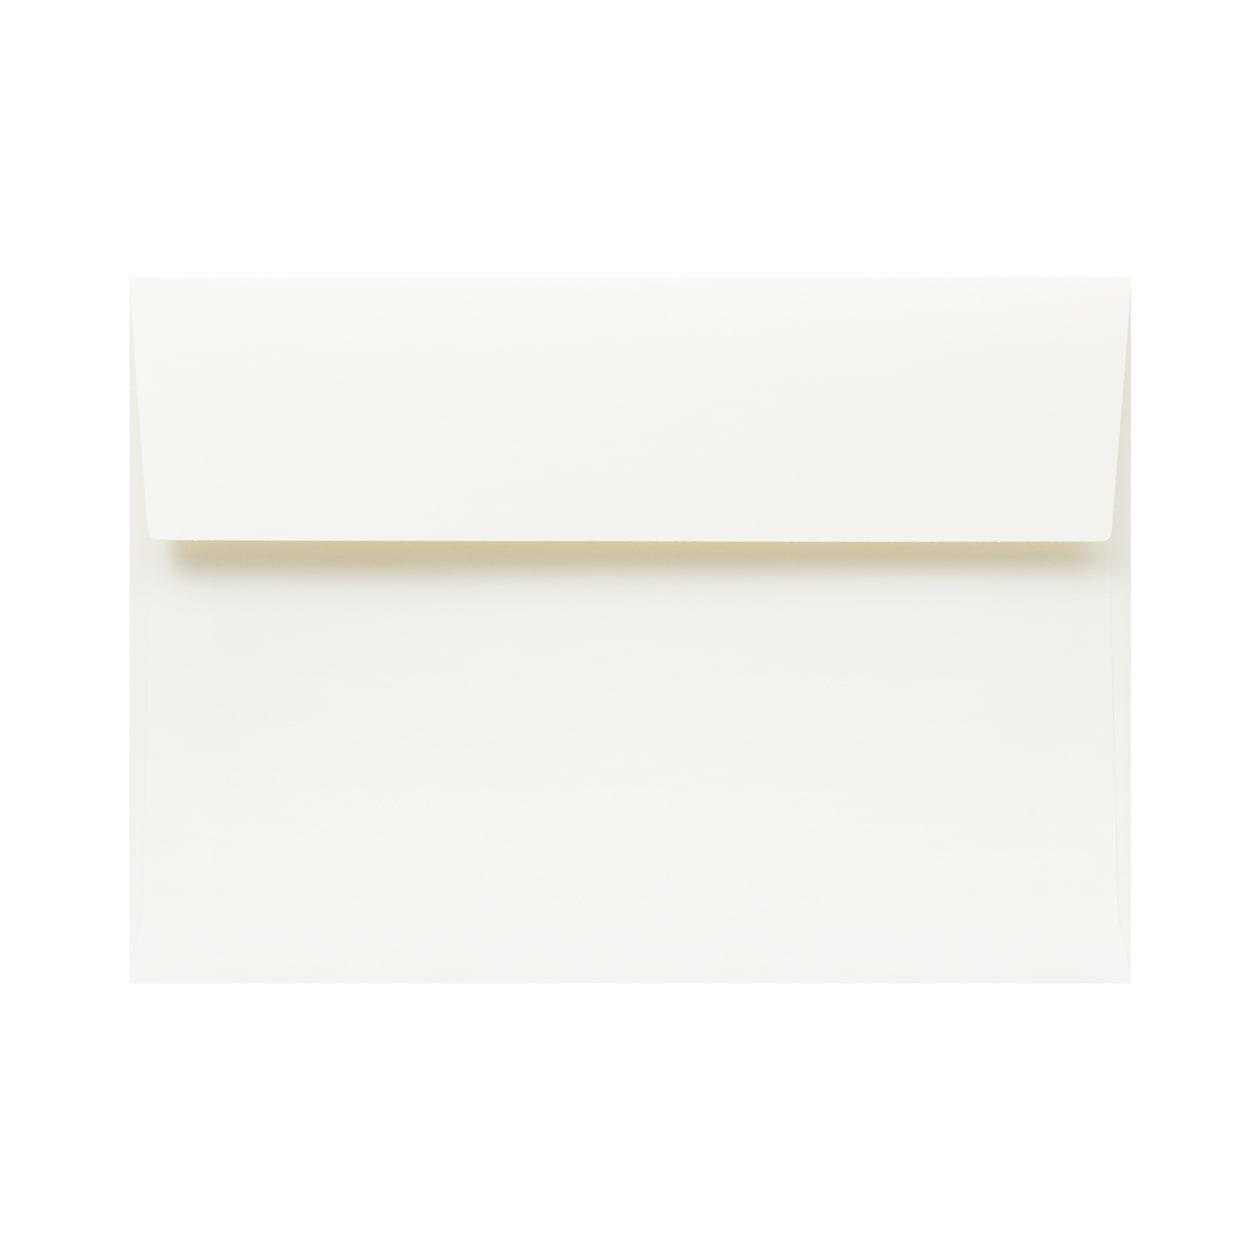 角6カマス封筒 HAGURUMA Basic ソフトクリーム 100g